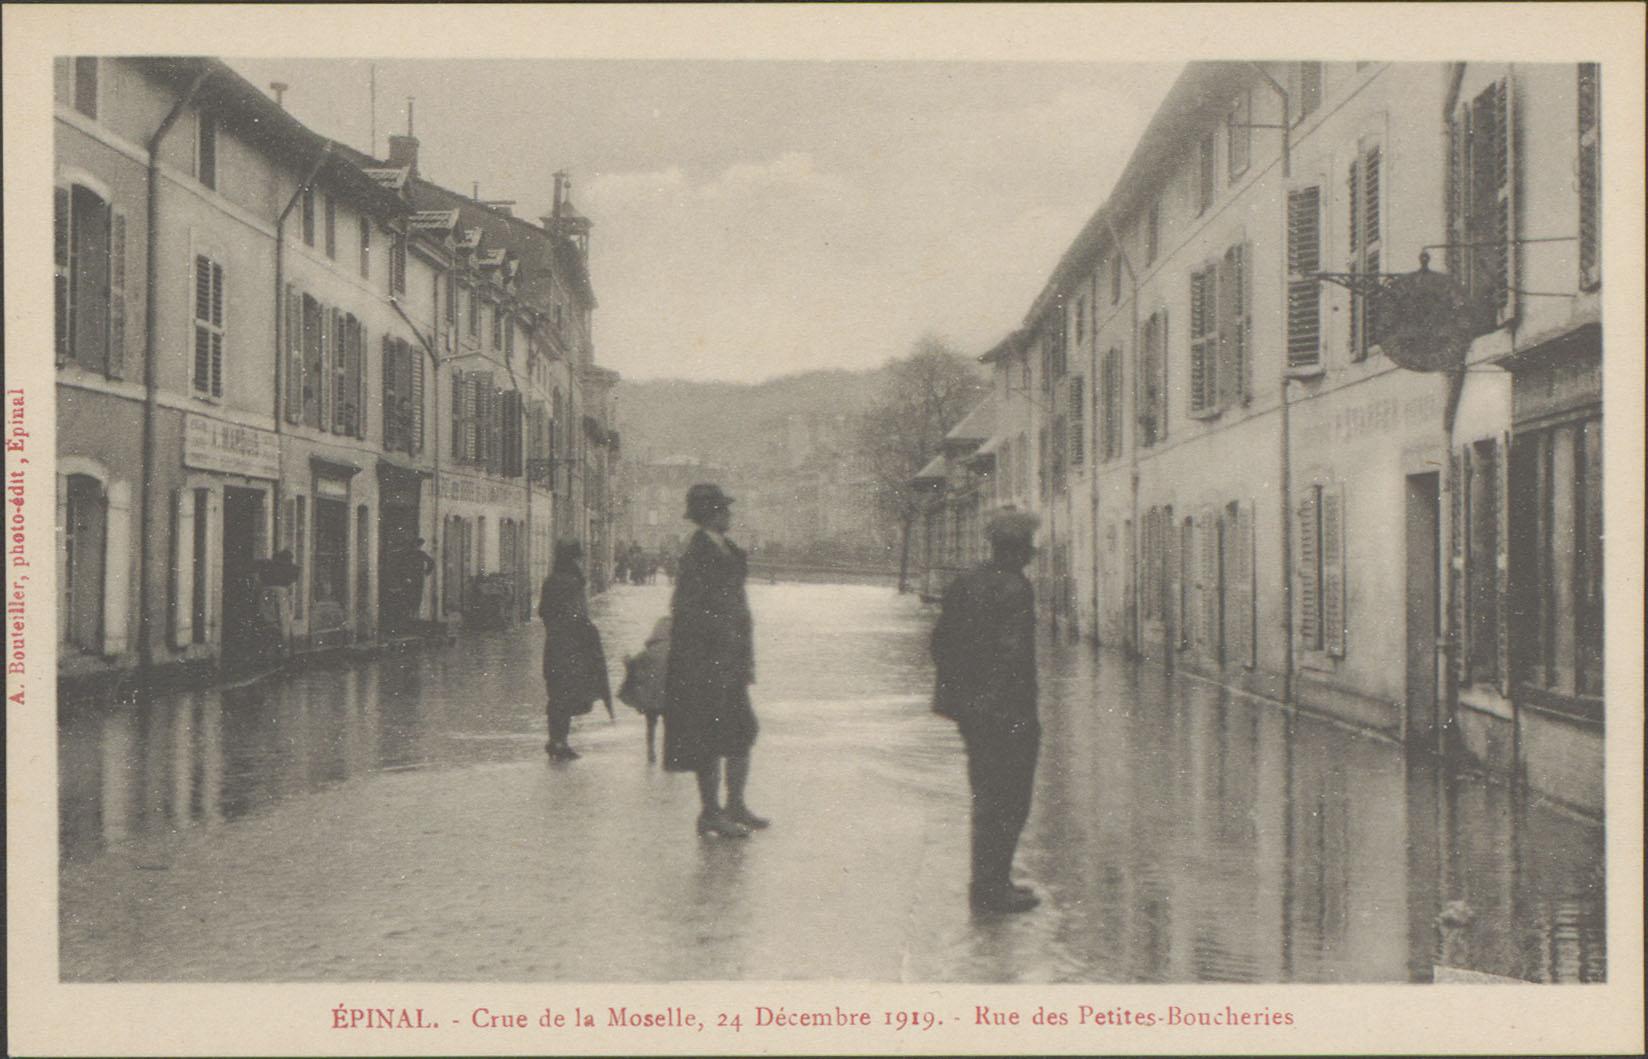 Contenu du Epinal, Crue de la Moselle, 24 Décembre 1919, Rue des Petites Boucheries